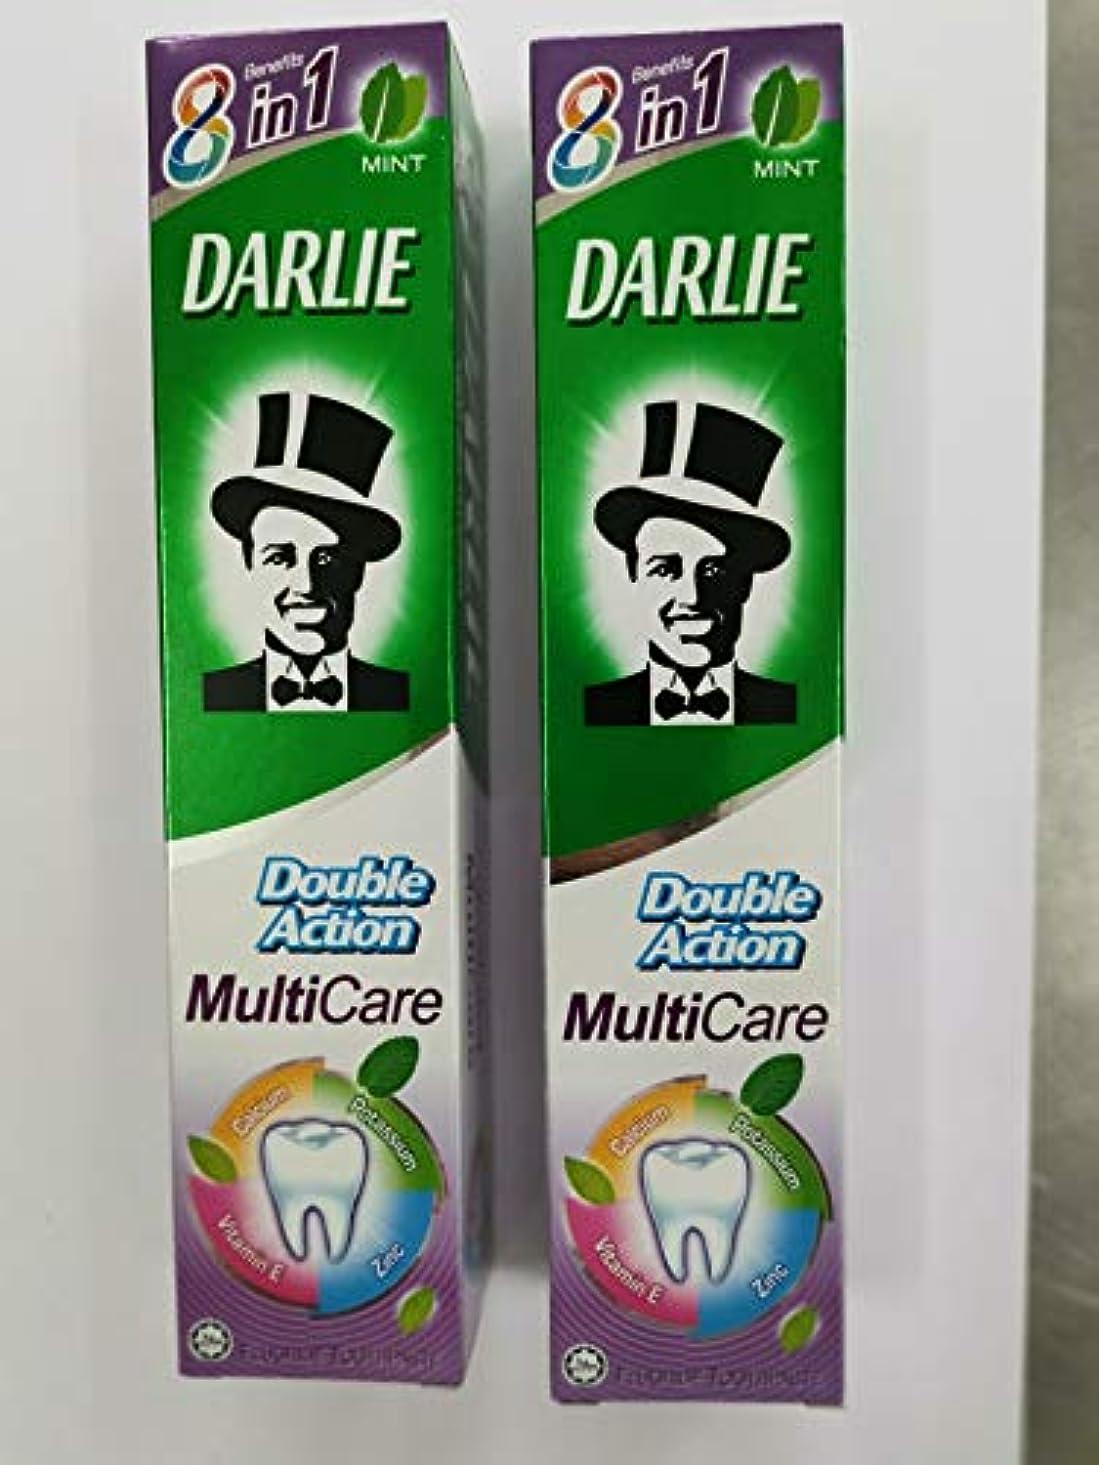 残酷な闘争細分化するDARLIE 歯磨き粉ダブルアクションマルチケア 180g x 2-空洞を飛行し、歯を強化するフッ化物が含まれています